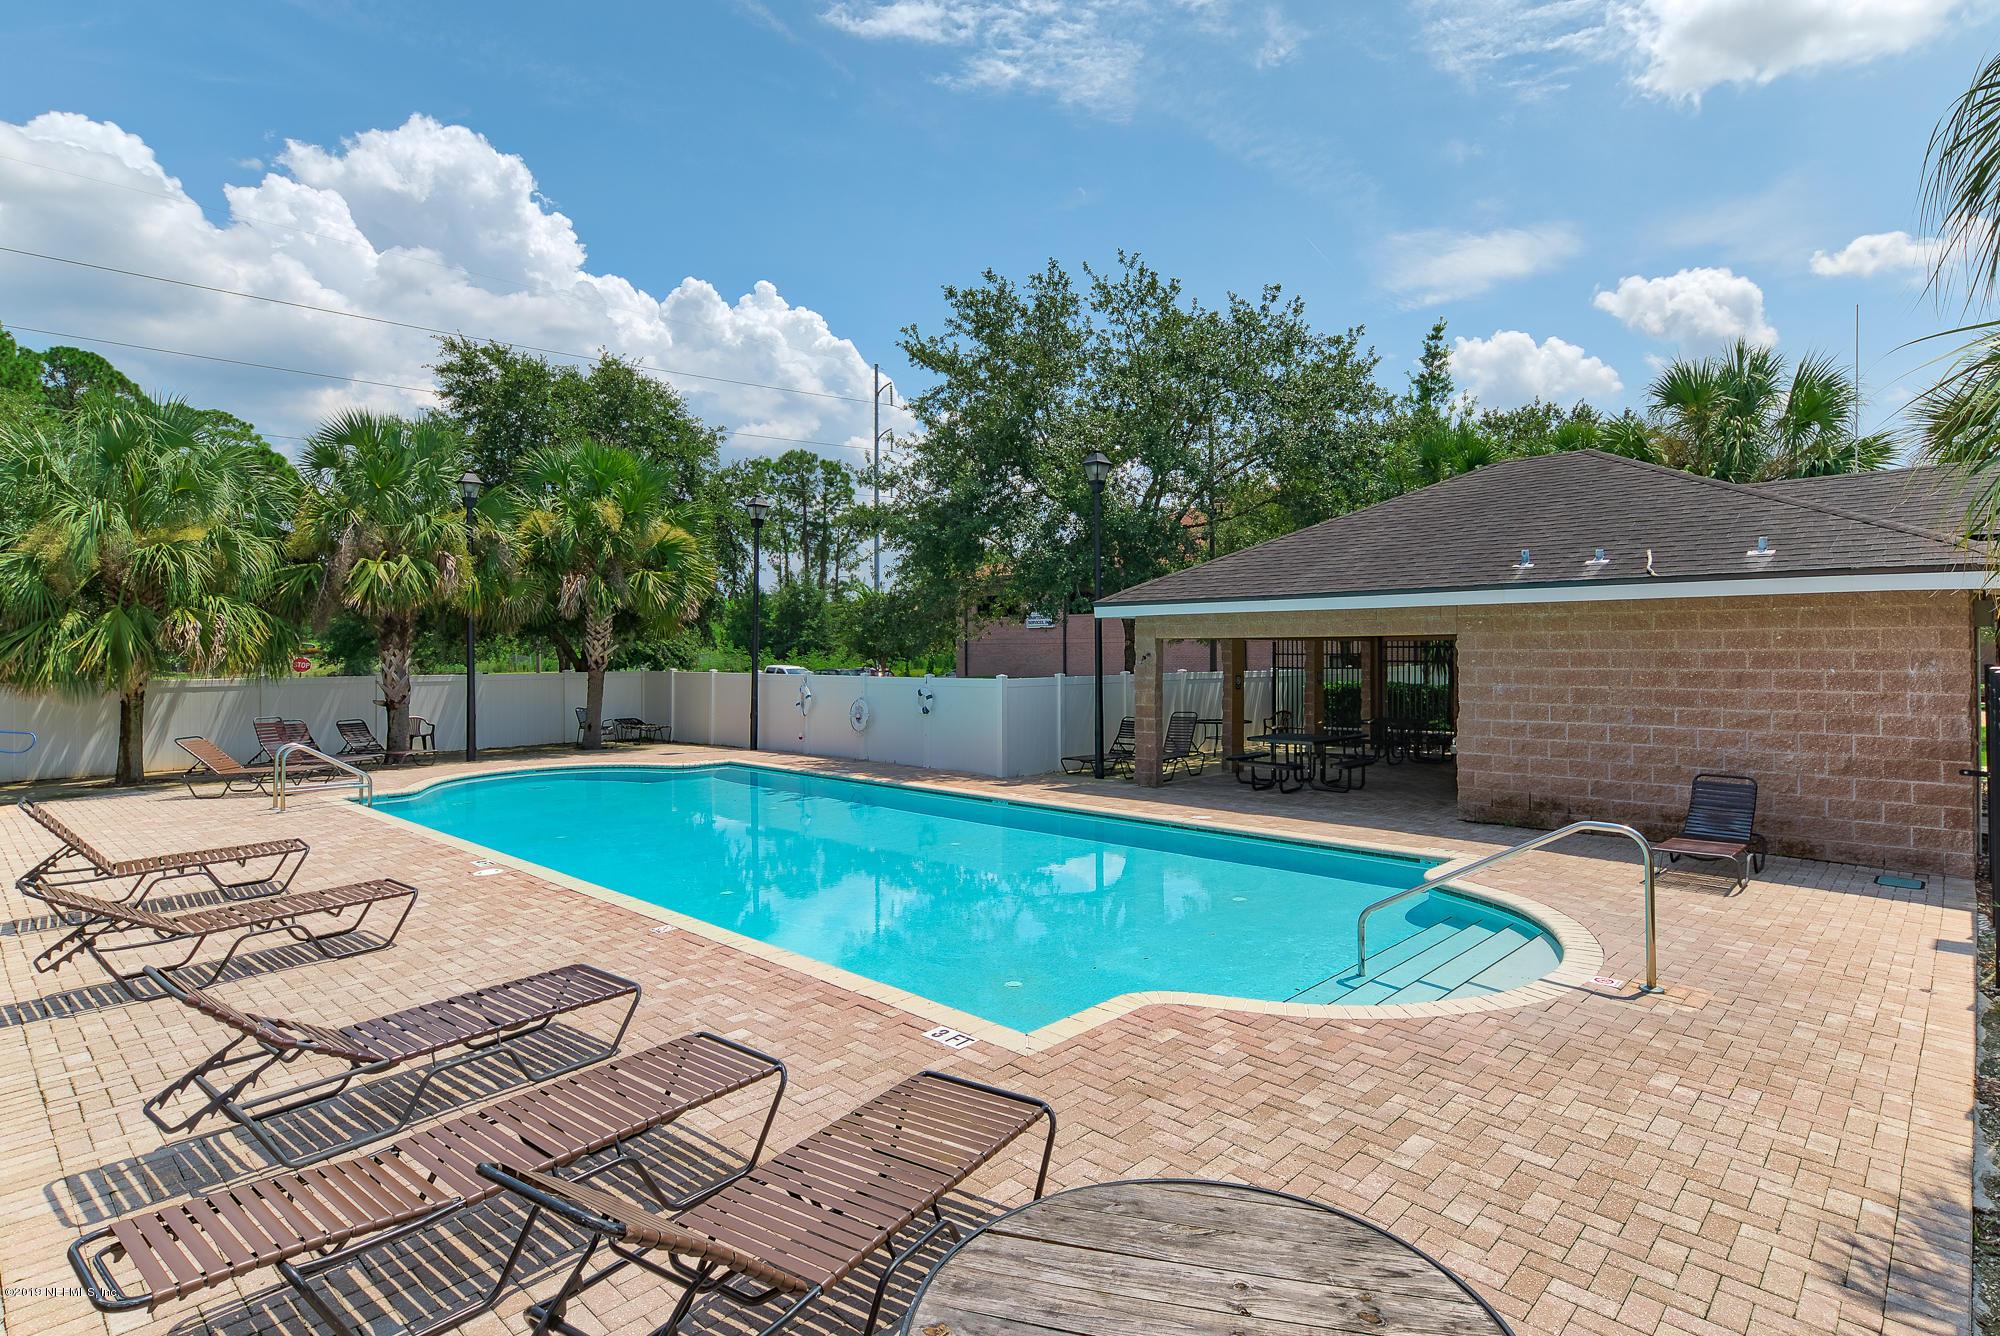 9690 AMARANTE, JACKSONVILLE, FLORIDA 32257, 2 Bedrooms Bedrooms, ,2 BathroomsBathrooms,Condo,For sale,AMARANTE,1014135